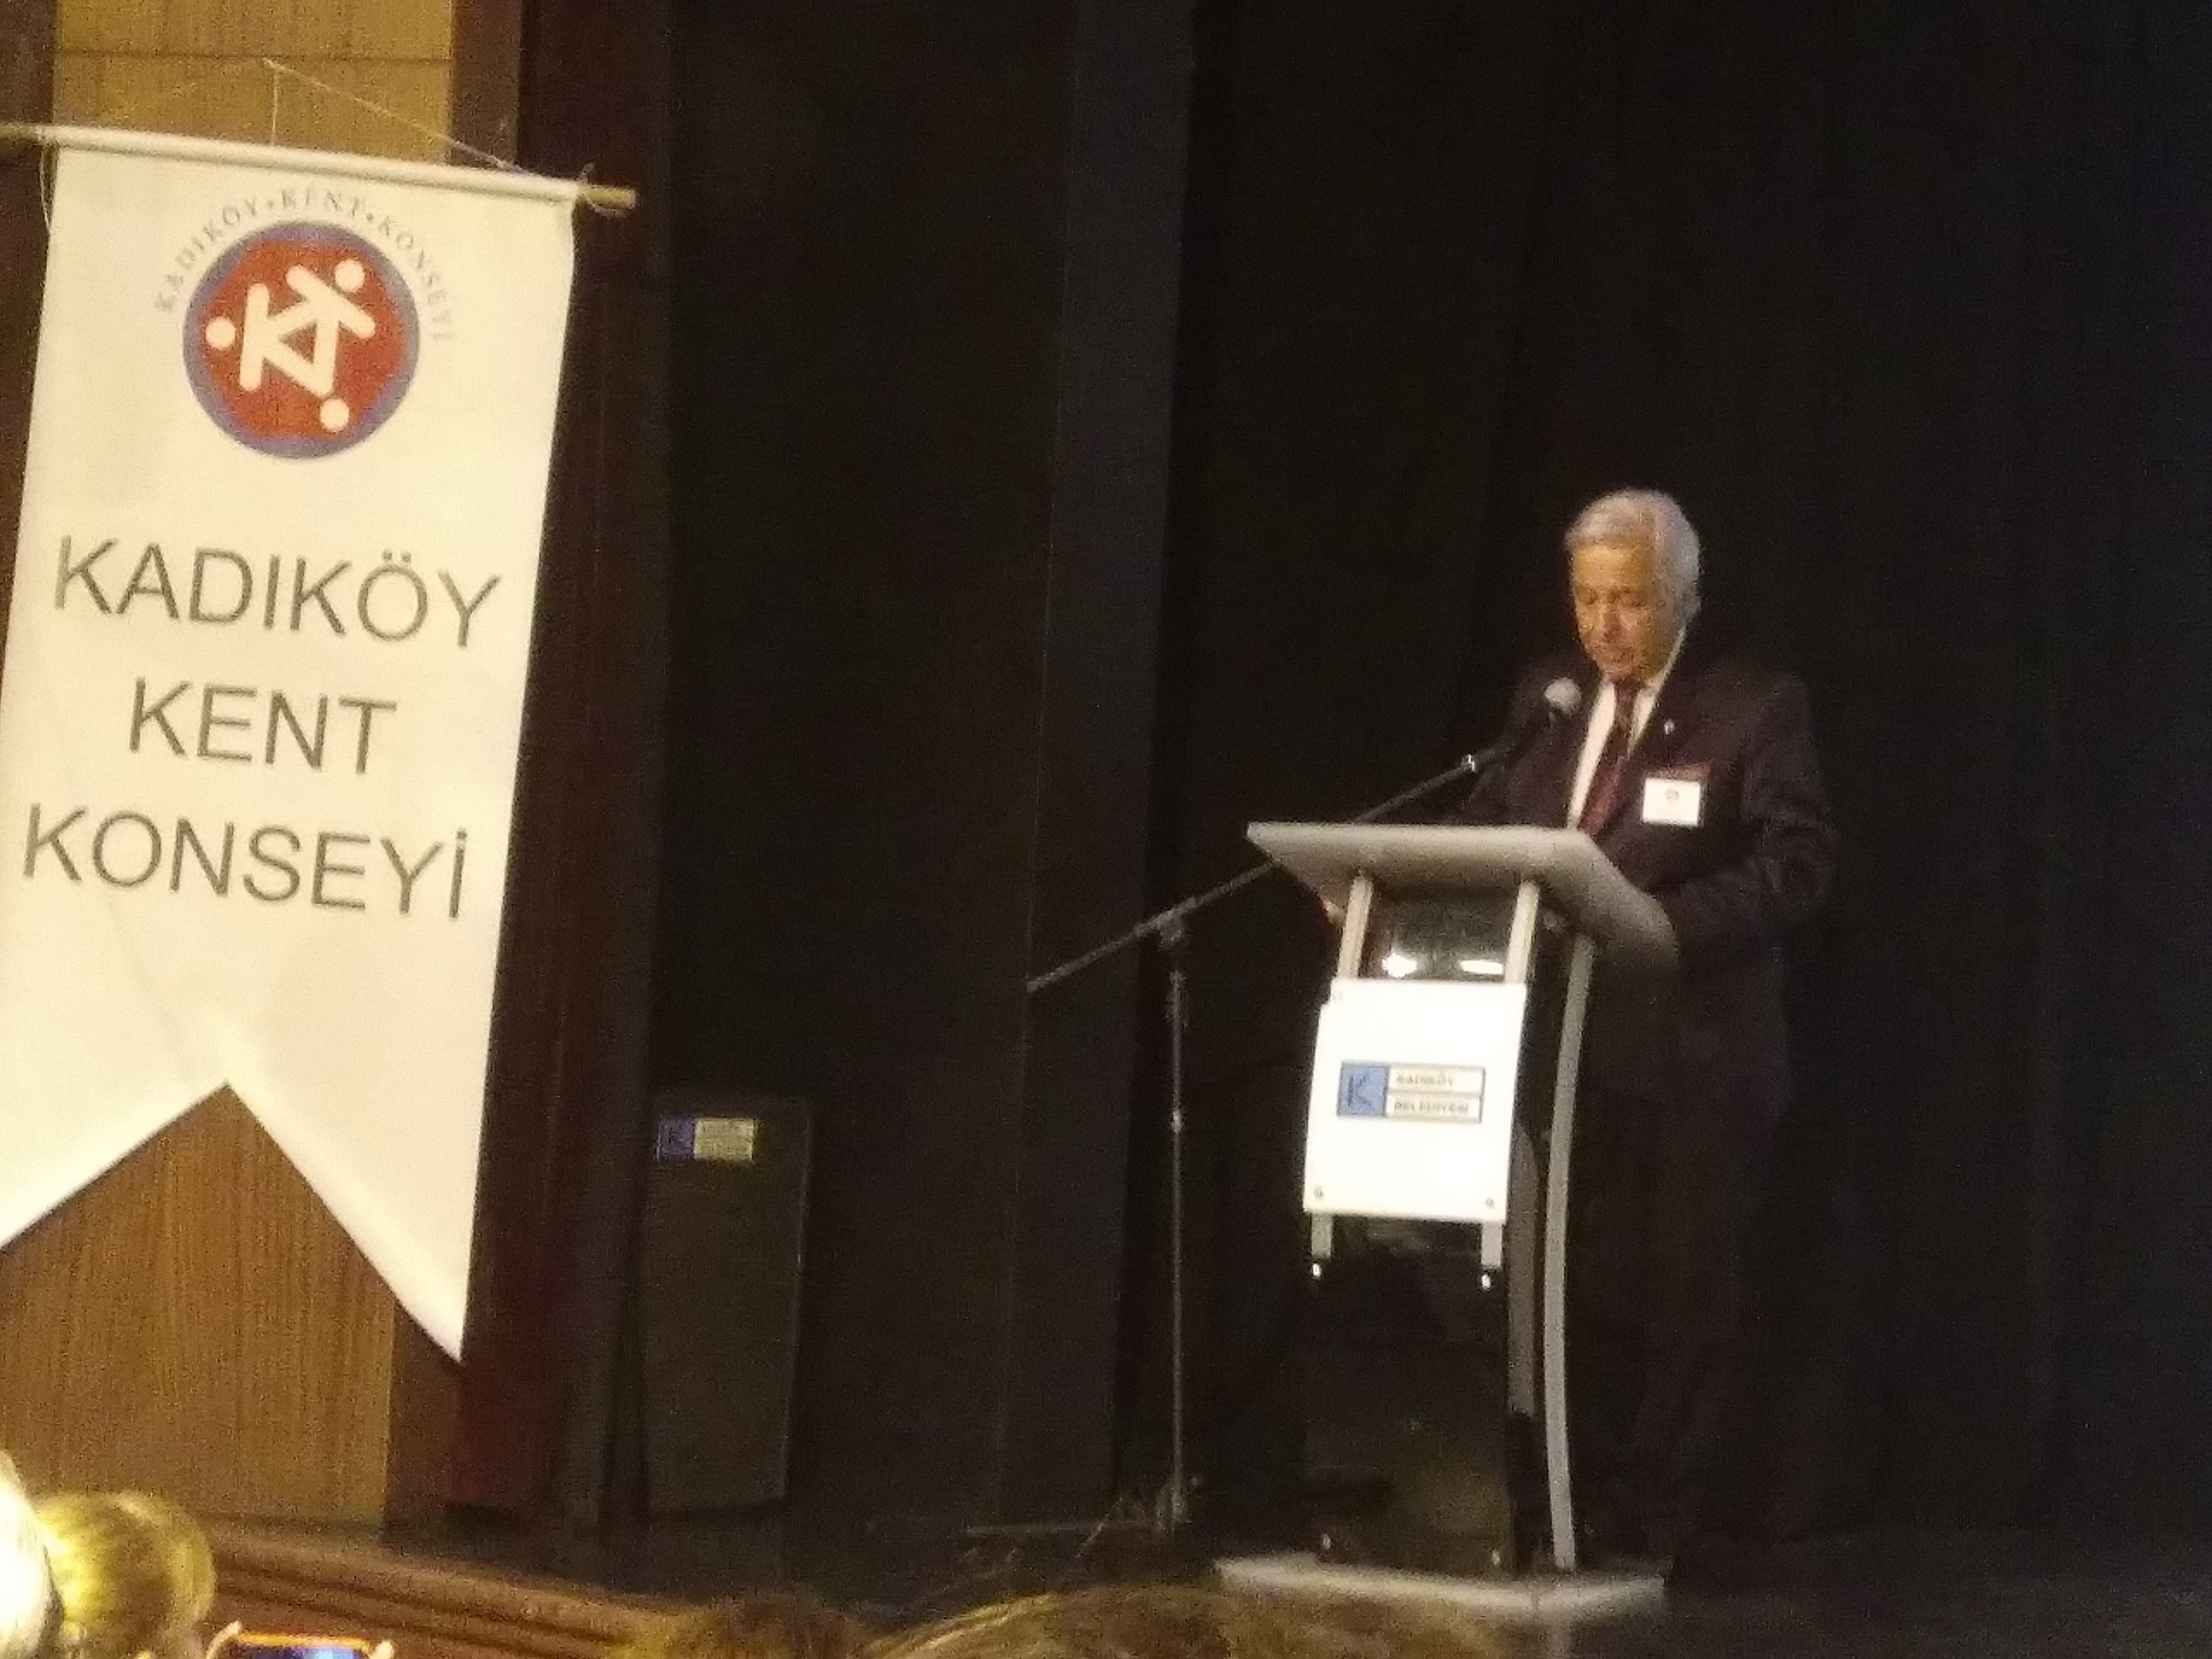 Kadıköy Kent Konseyi Seçimlerinde, Saltuk Yüceer tekrar başkan seçildi